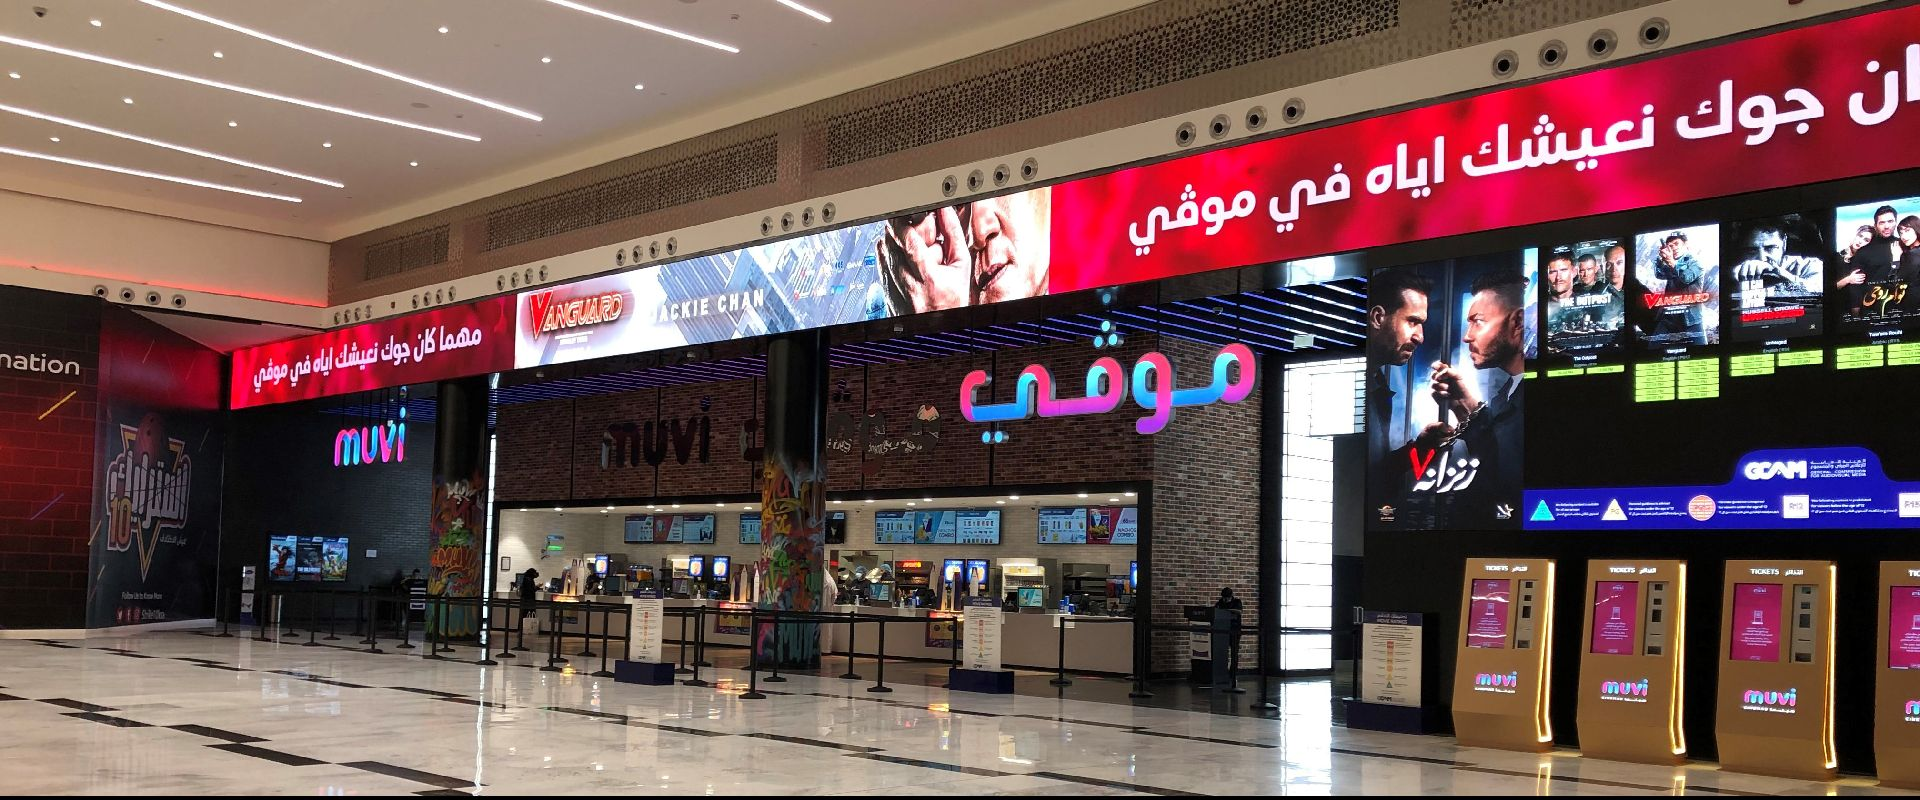 دار السينما الجديدة في الحمراء مول تتسع لأكثر من 500 شخص وتتخذ موقعا ملائما لسكان الأحياء الشرقية في الرياض الساحات العربية